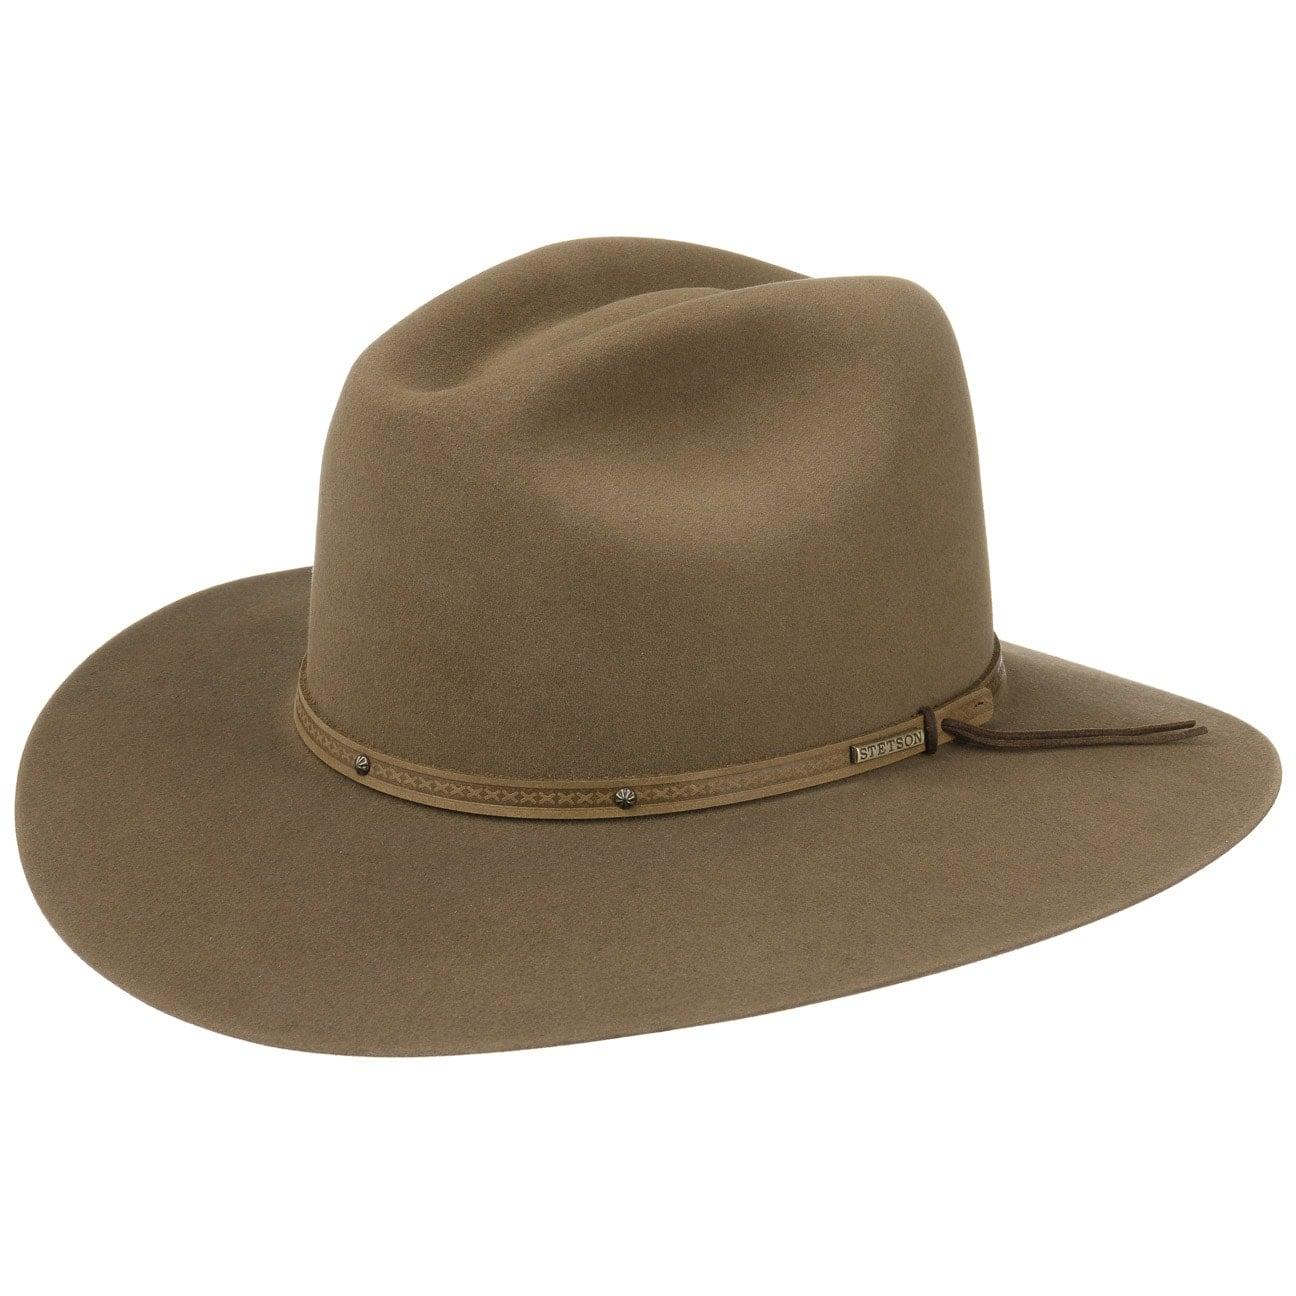 Sombrero de Vaquero Gunnison by Stetson